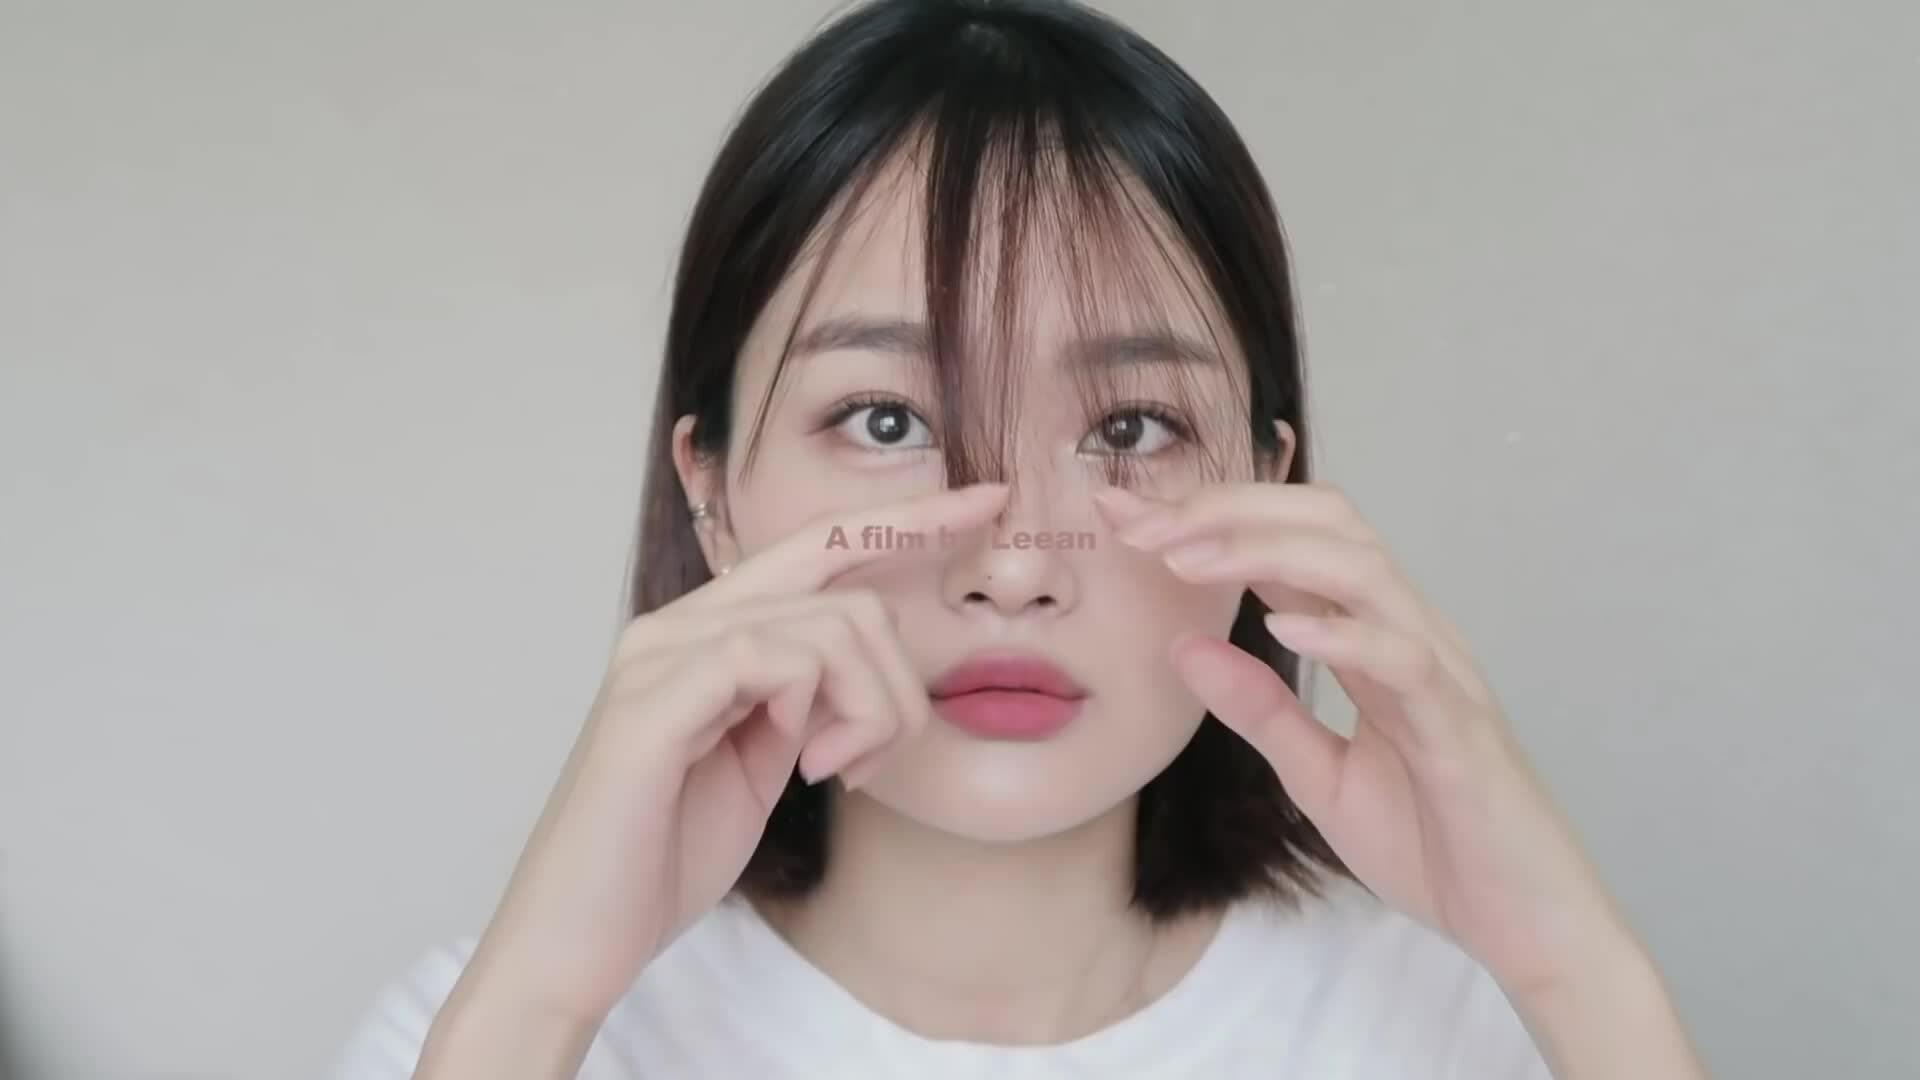 Cách tự cắt tóc mái tại nhà chuẩn Hàn Quốc -Leeanrfilm